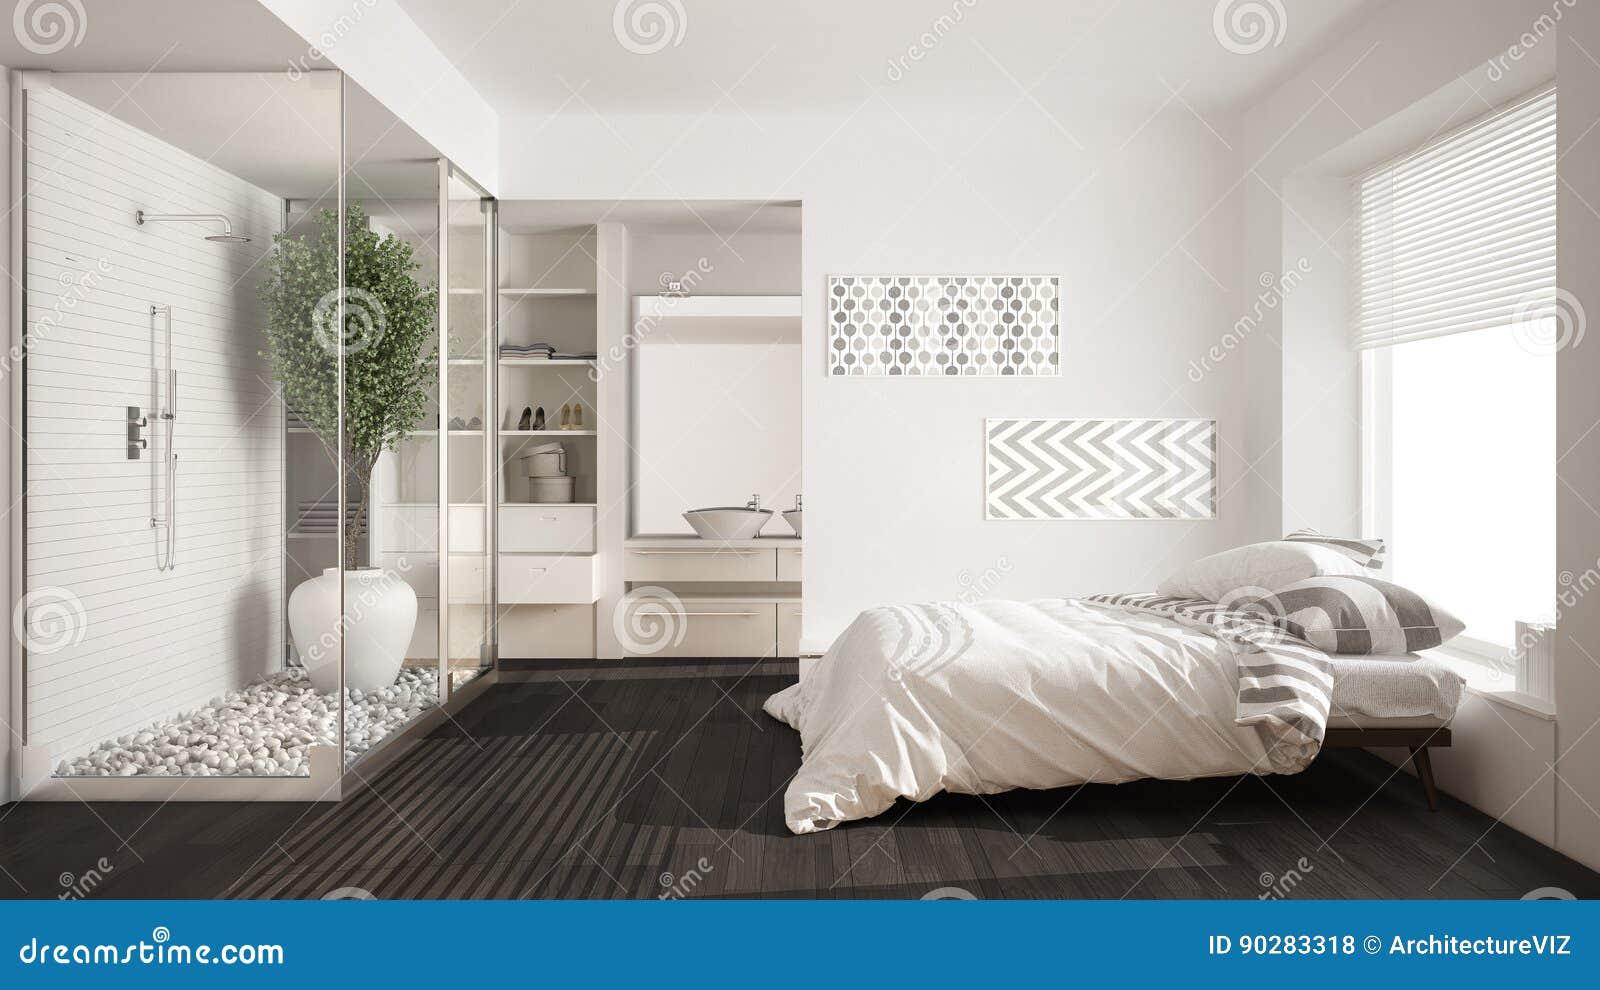 Kleine Minimalistische Slaapkamer : Minimalistische slaapkamer en badkamers met douche en walk in kast